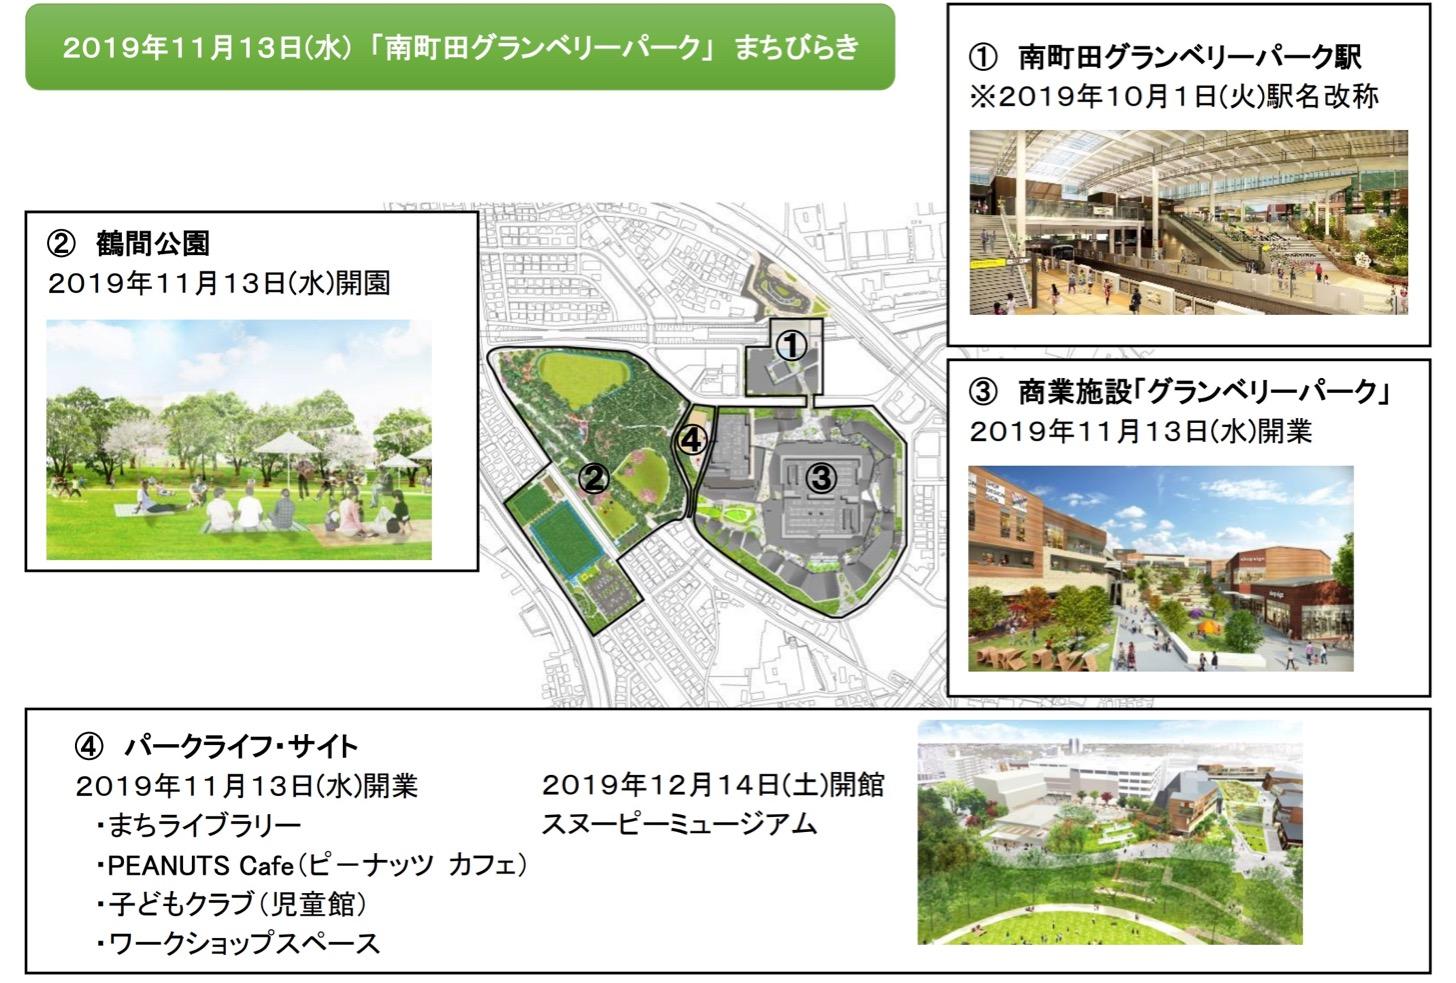 商業施設「南町田グランベリーパーク」の開業日(まちびらき)が2019年11月13日(水)に決定。